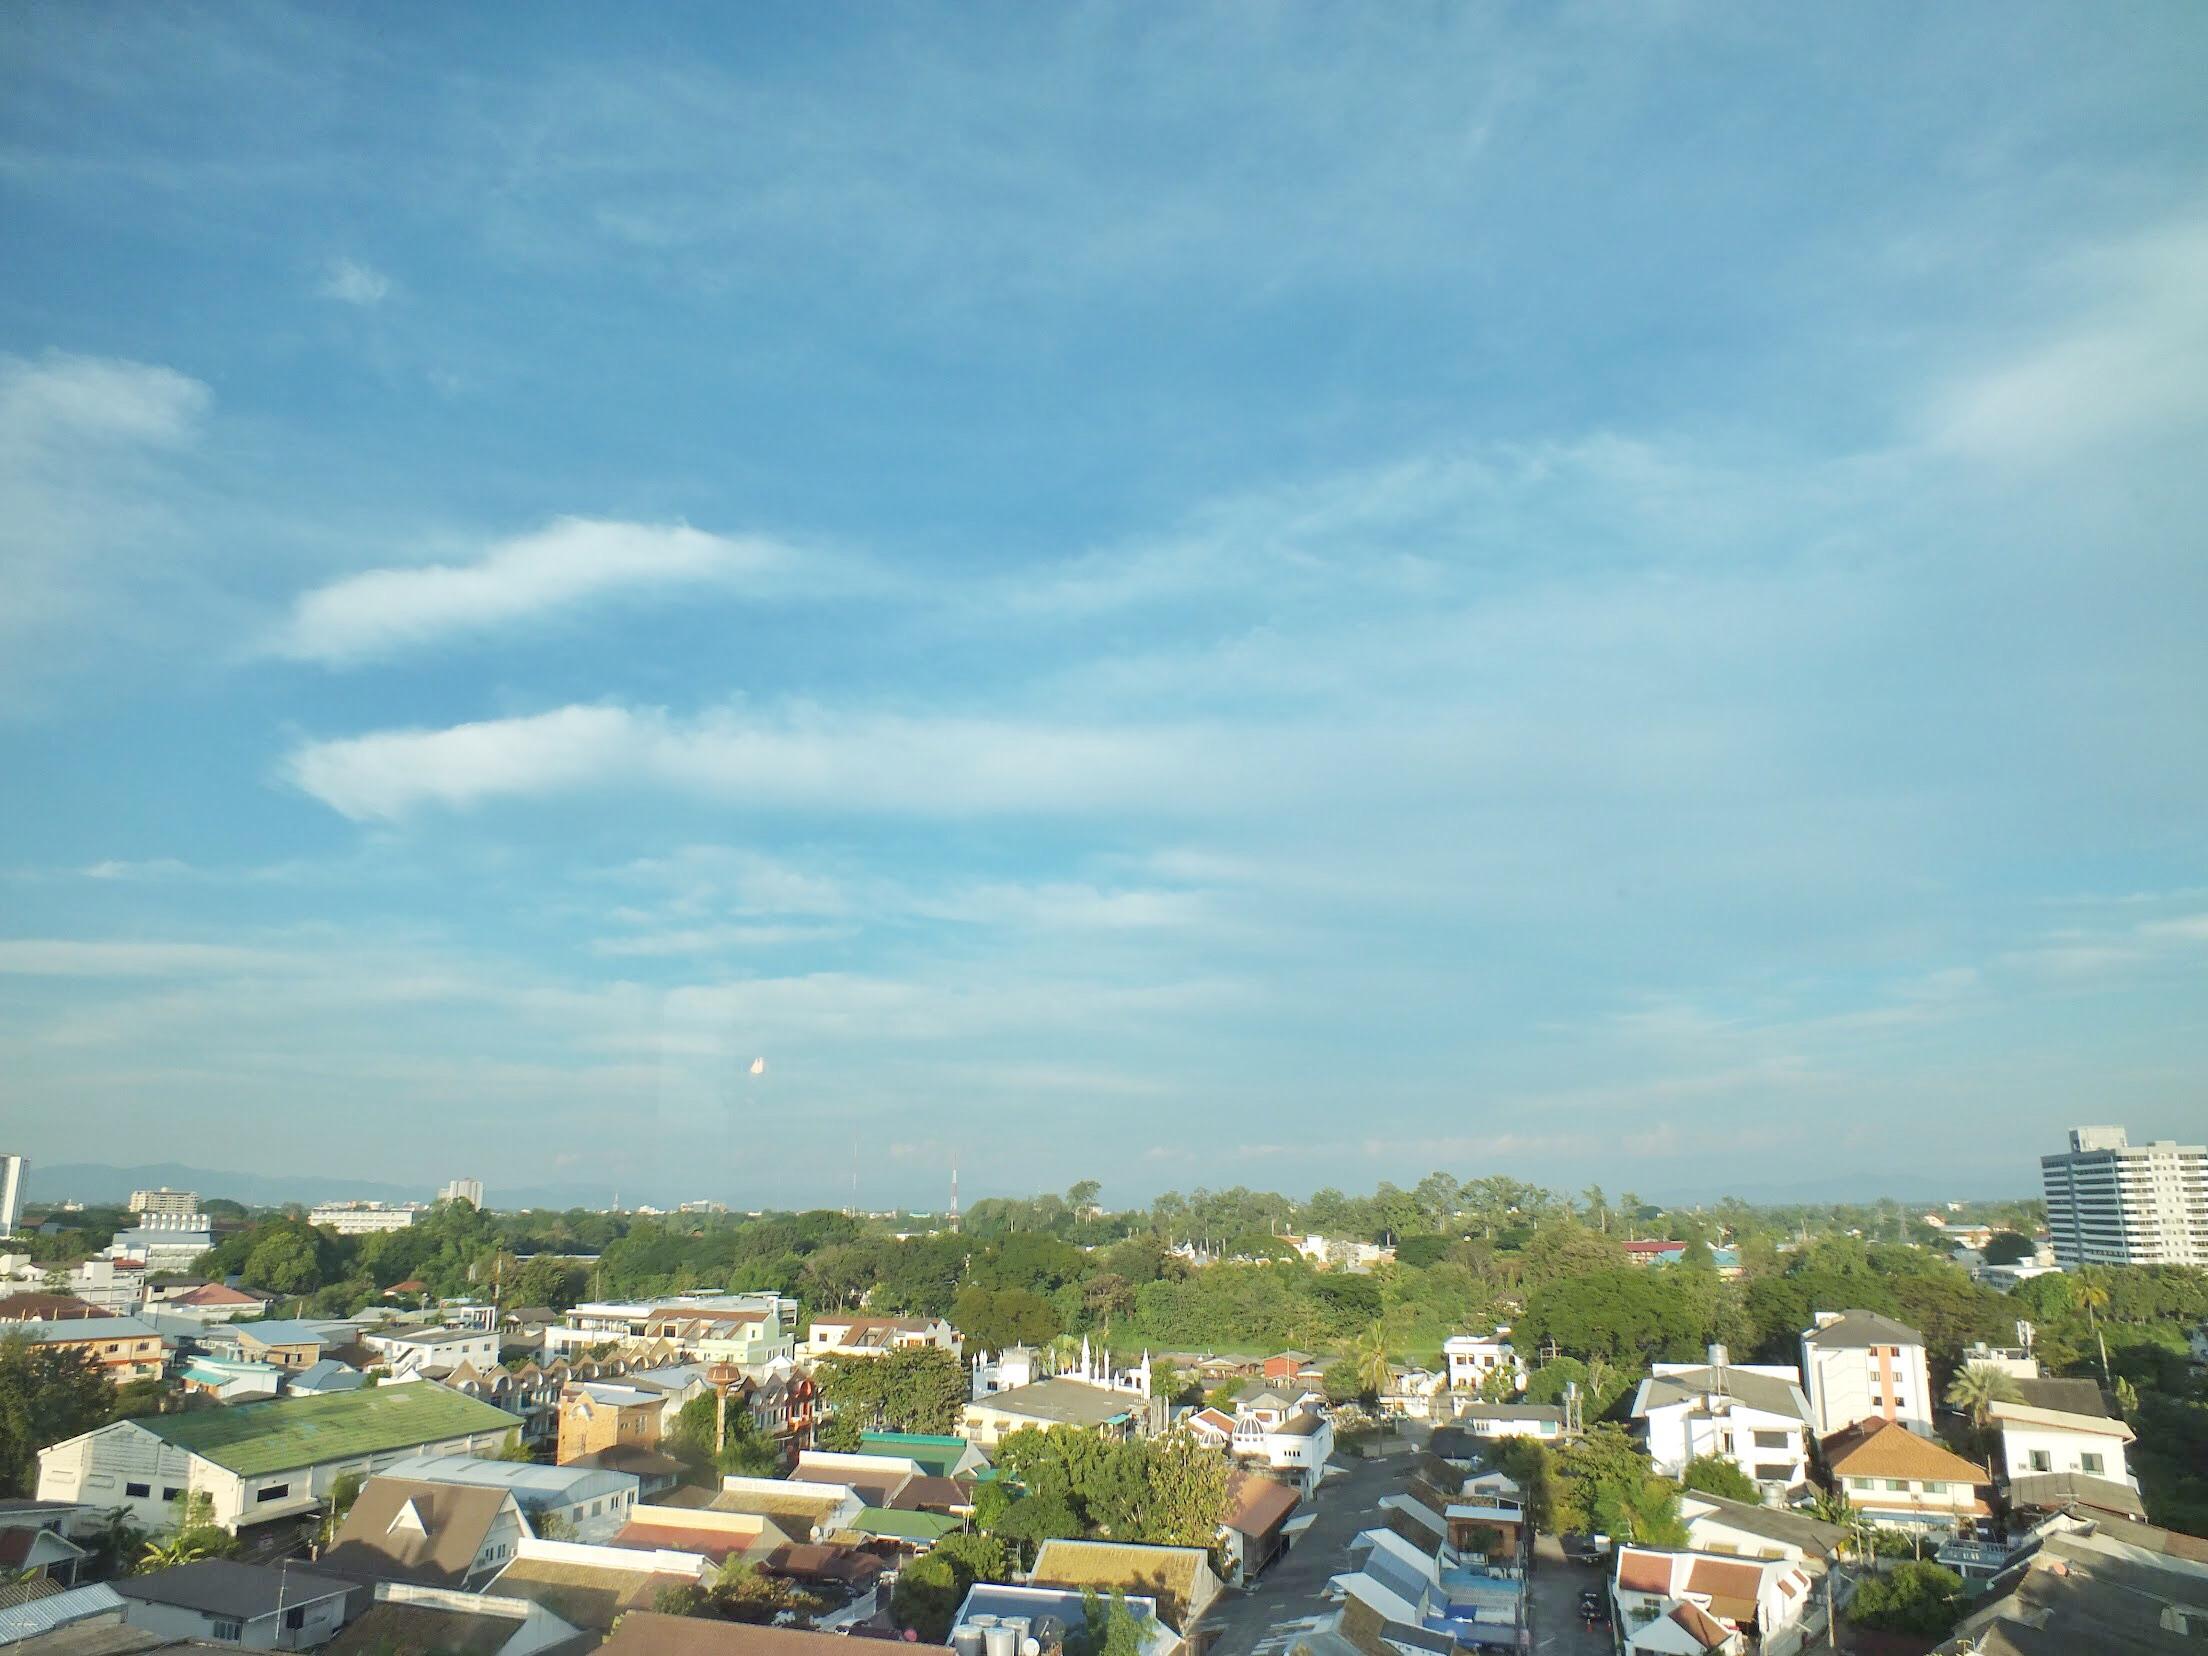 Park Hotel, Muang Chiang Mai